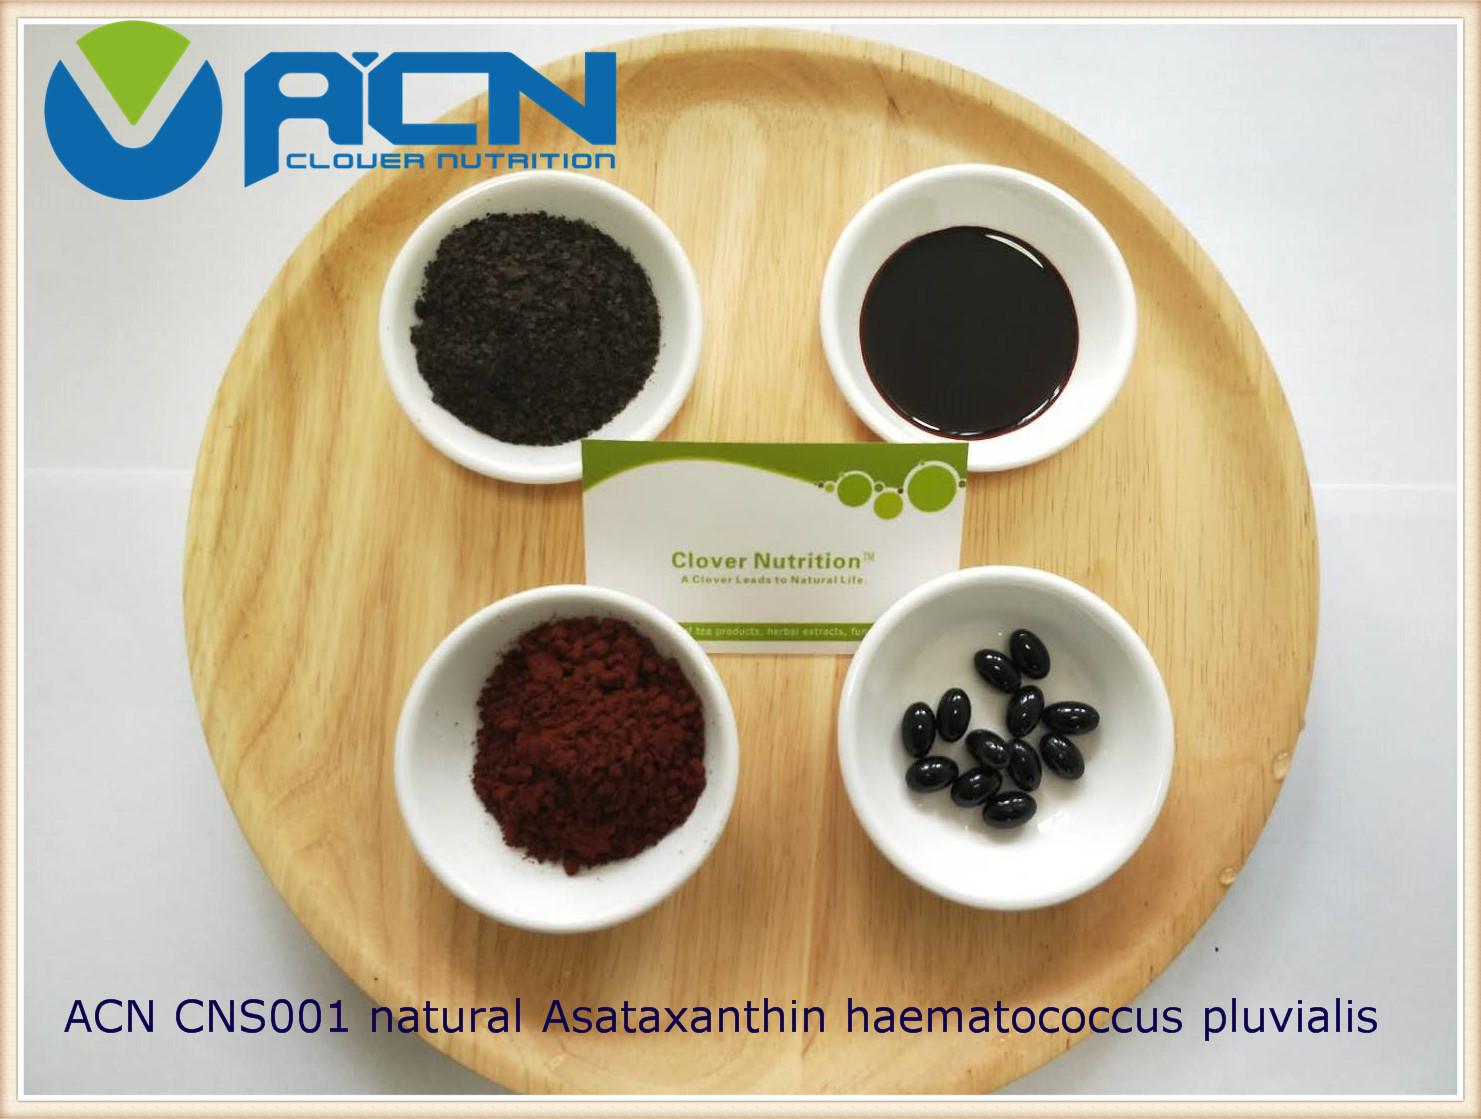 ACN CNS001 natural astaxanthin haematococcus pluvialis